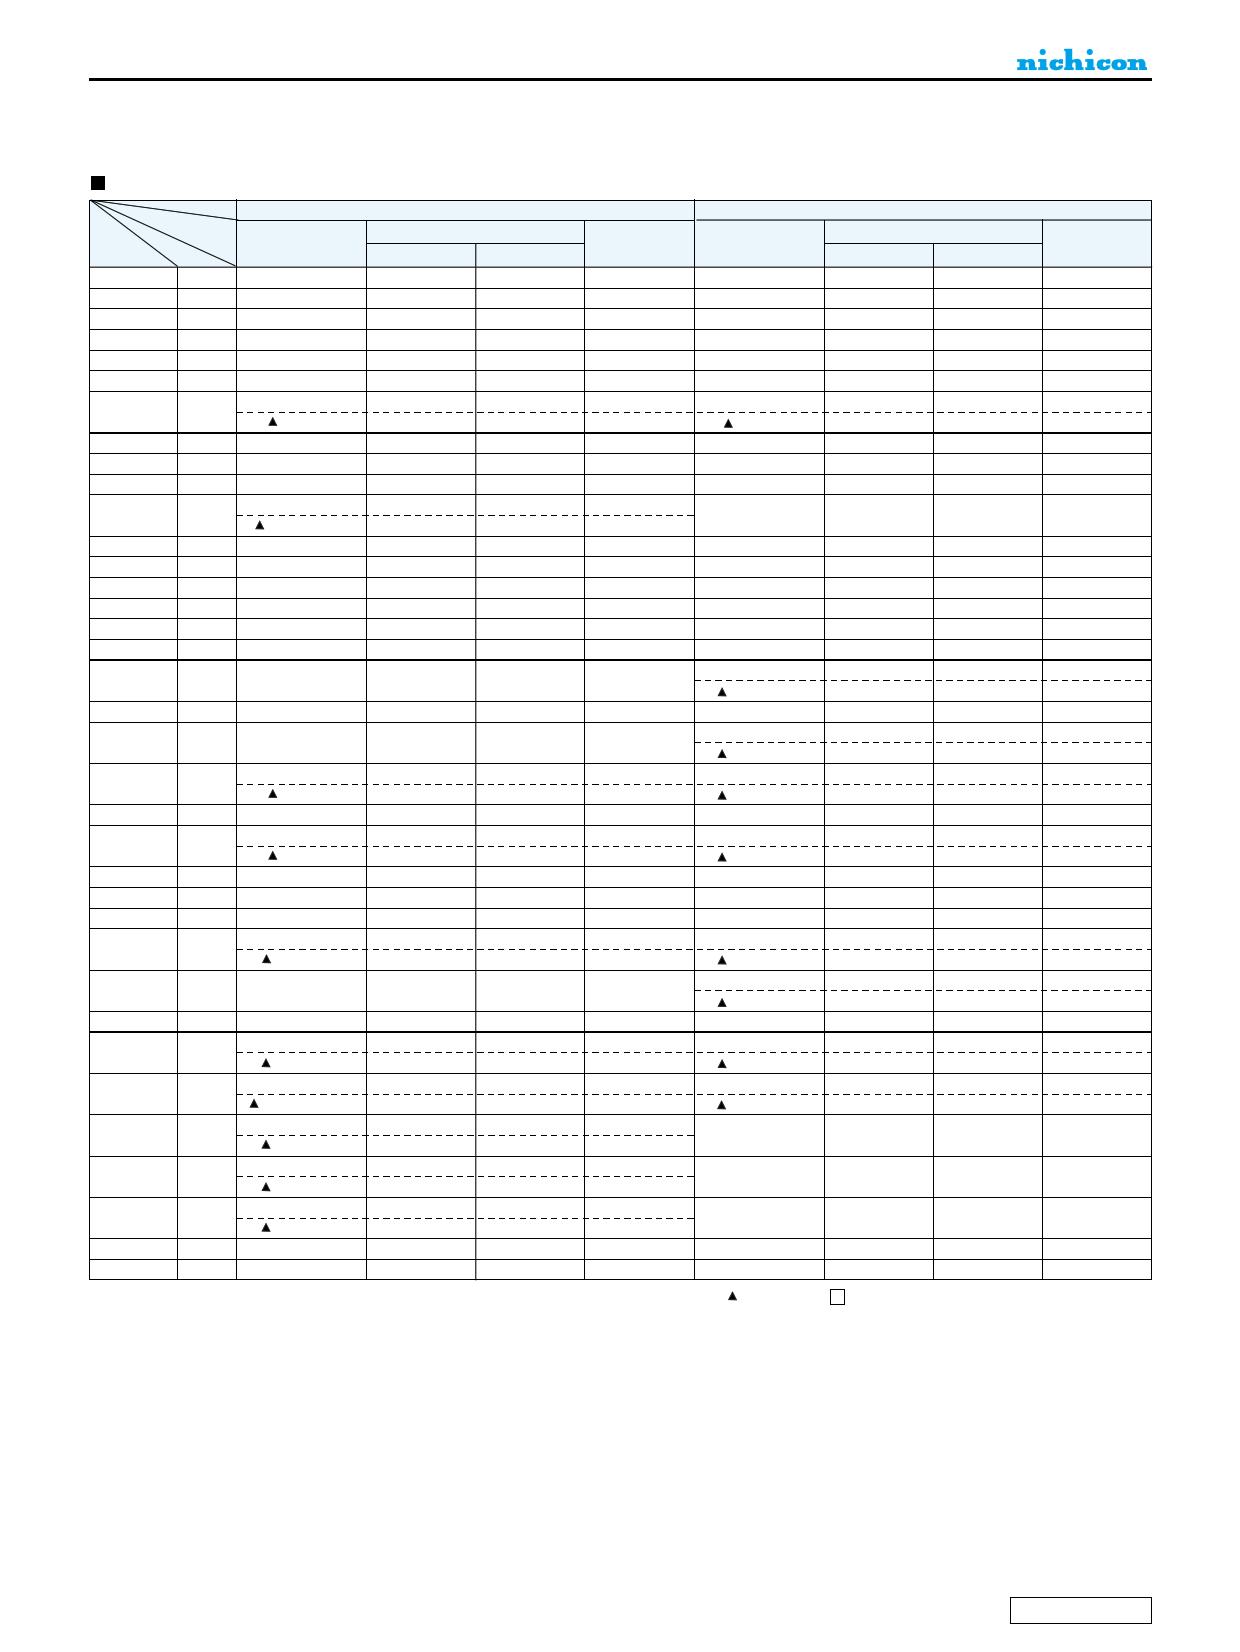 UPW2A3R3MDD pdf, 반도체, 판매, 대치품